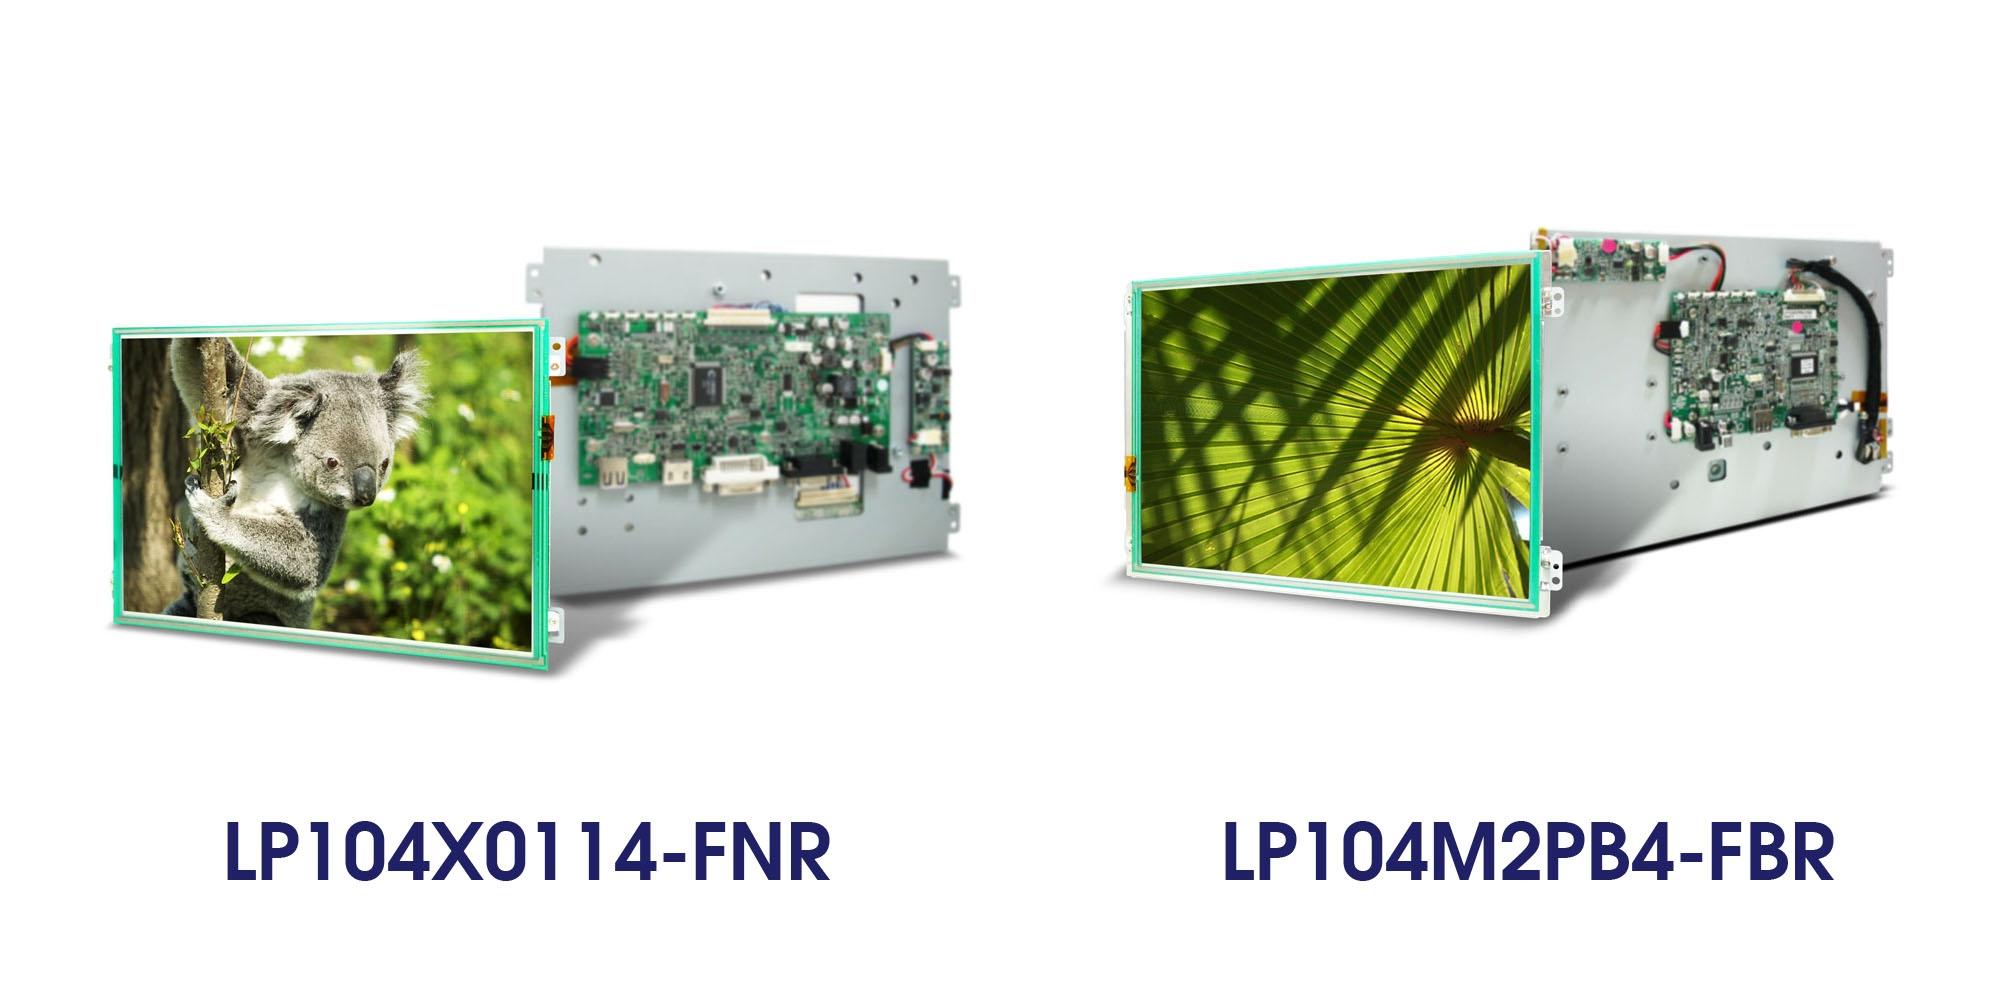 LP104X0114-FNR LP104M2PB4-FBR